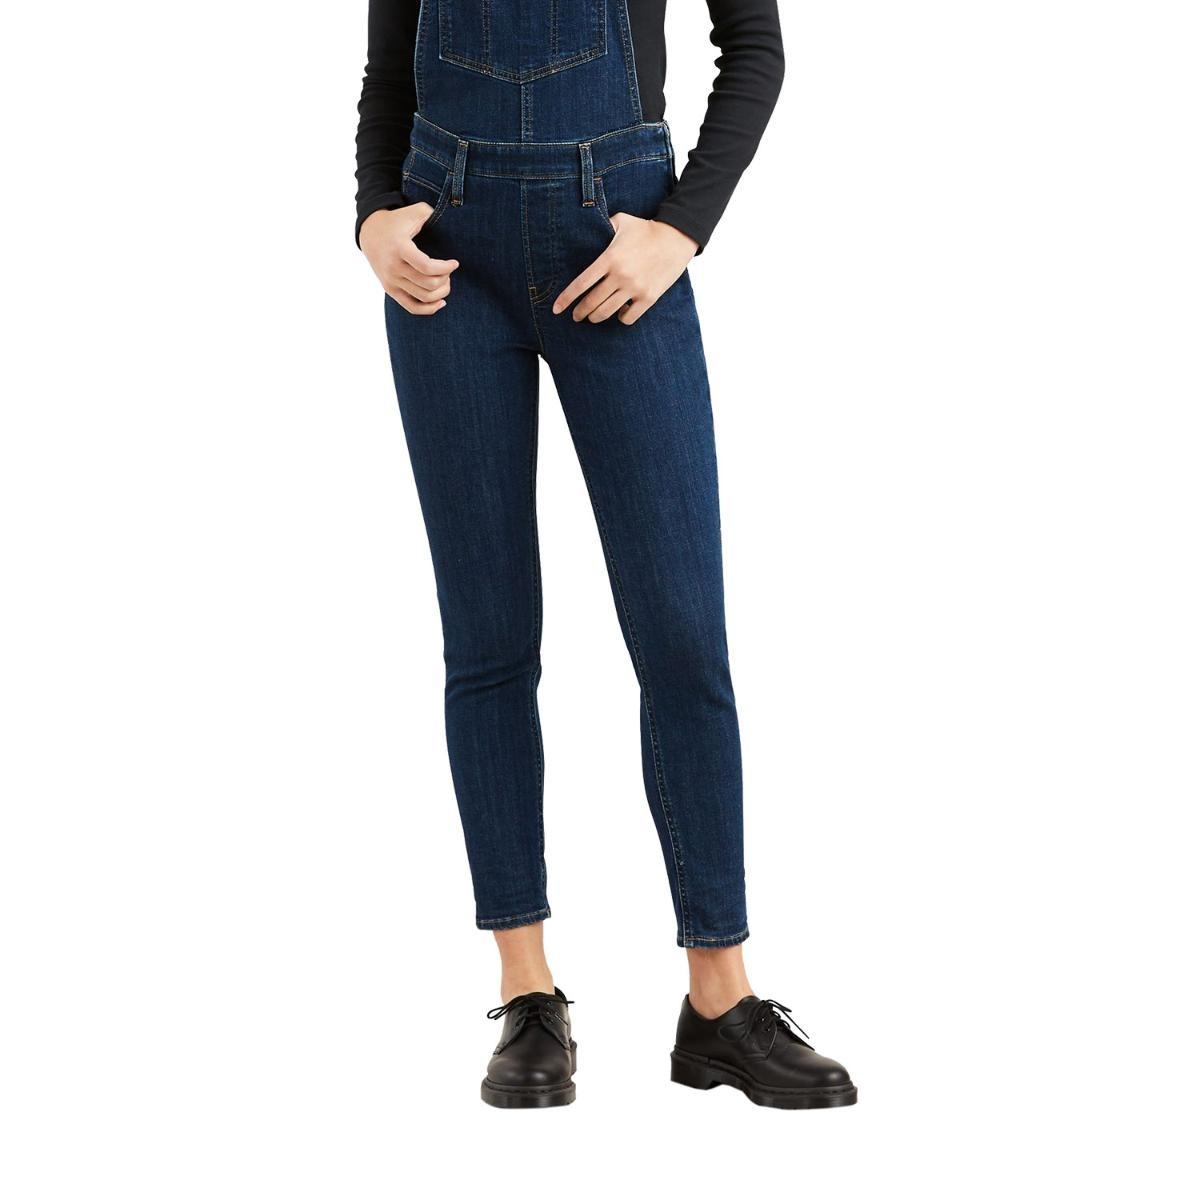 macacão levis feminino jeans skinny azul escuro. Carregando zoom. 302842a0d69